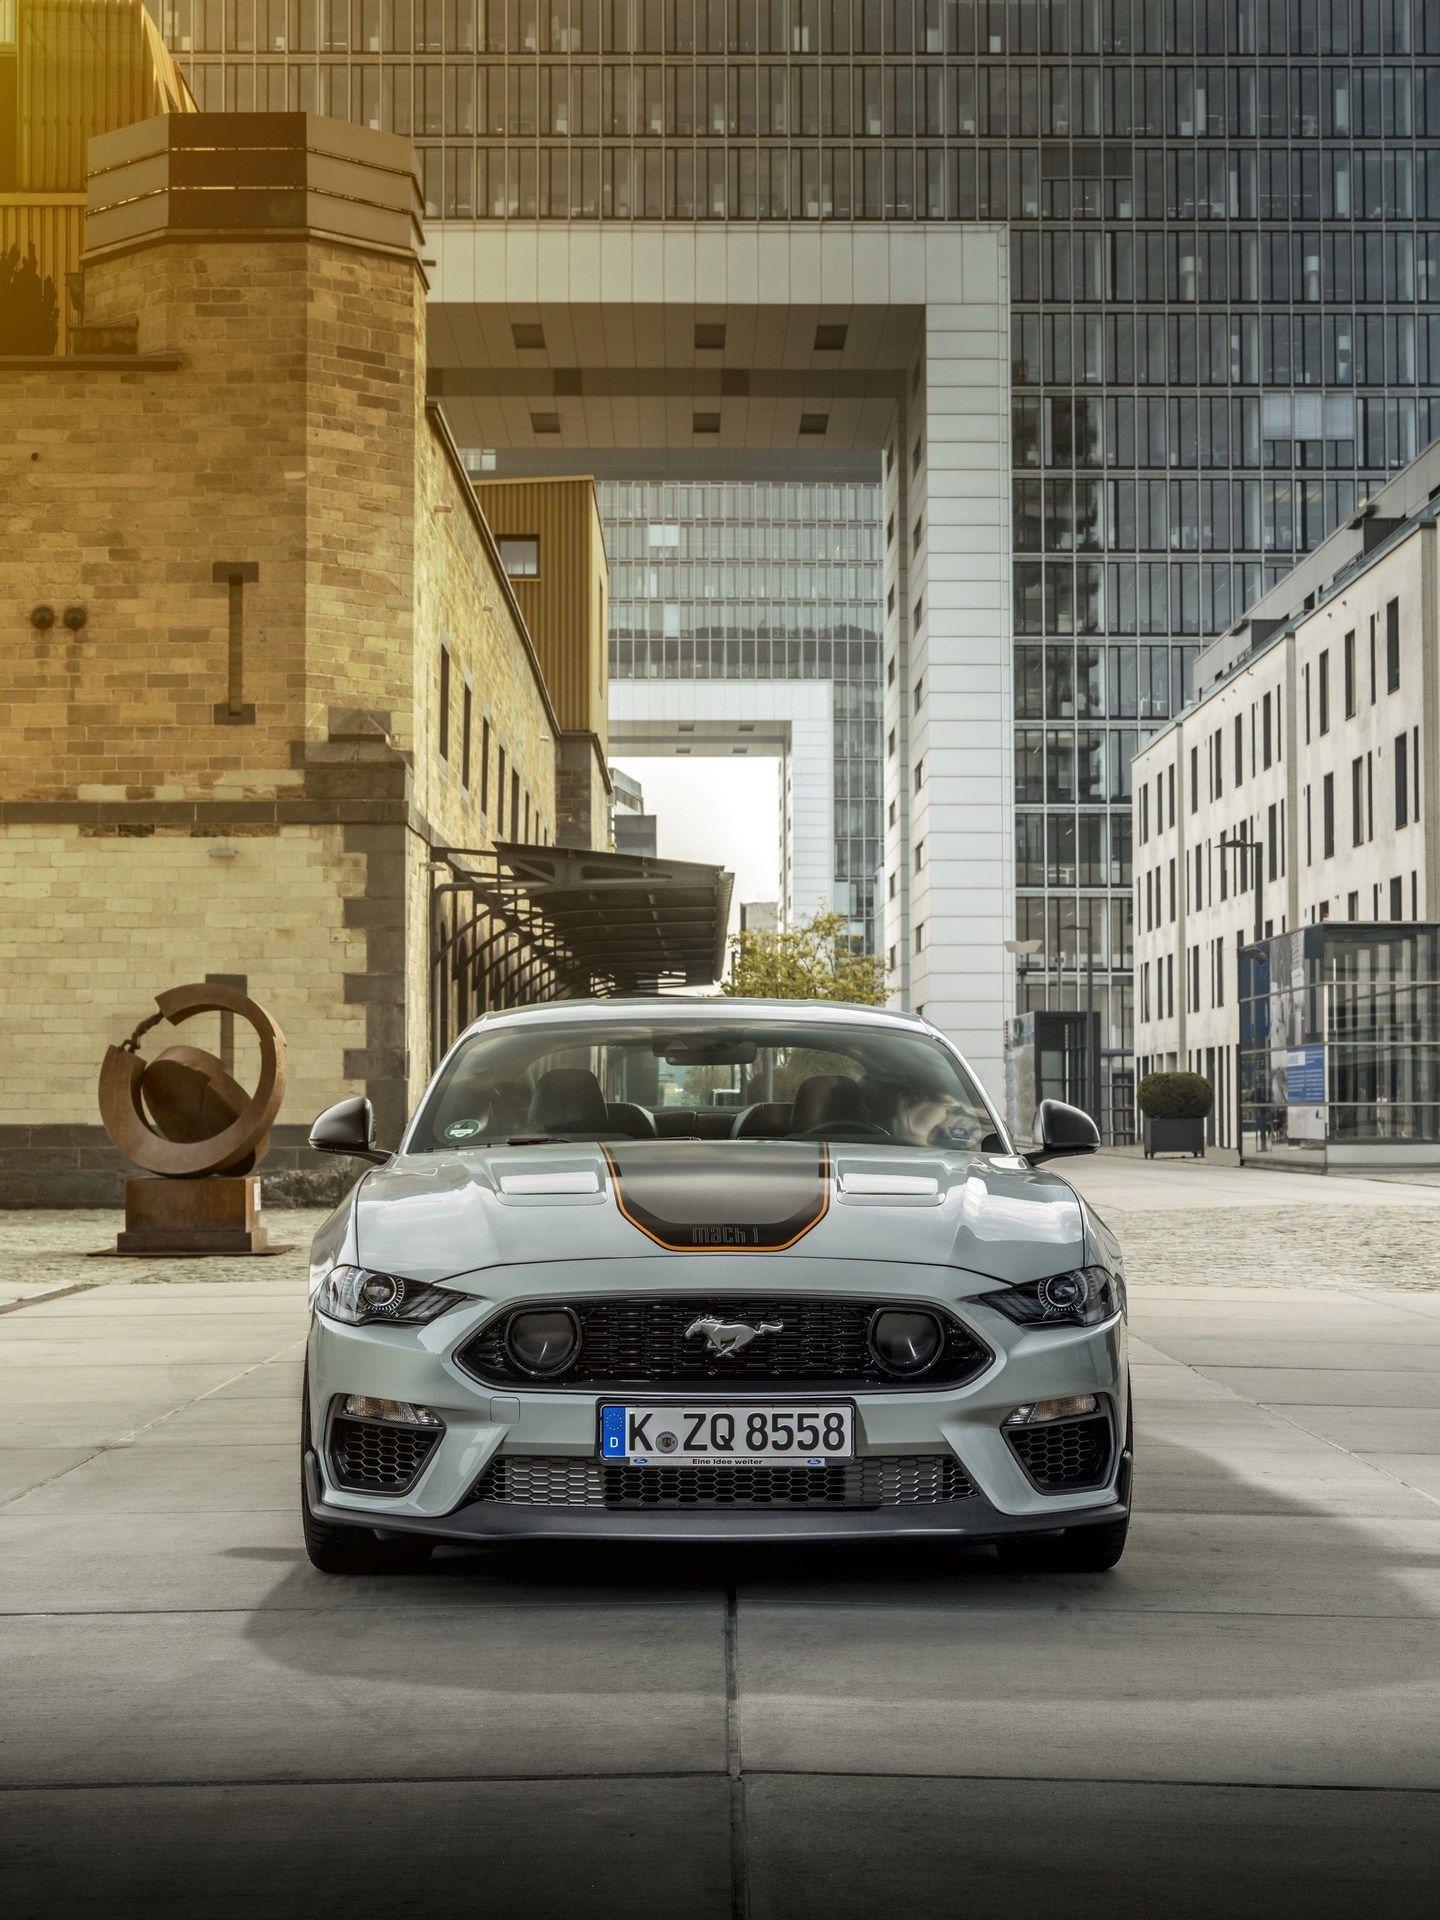 Ford_Mustang_Mach_1_EU-Spec_0004